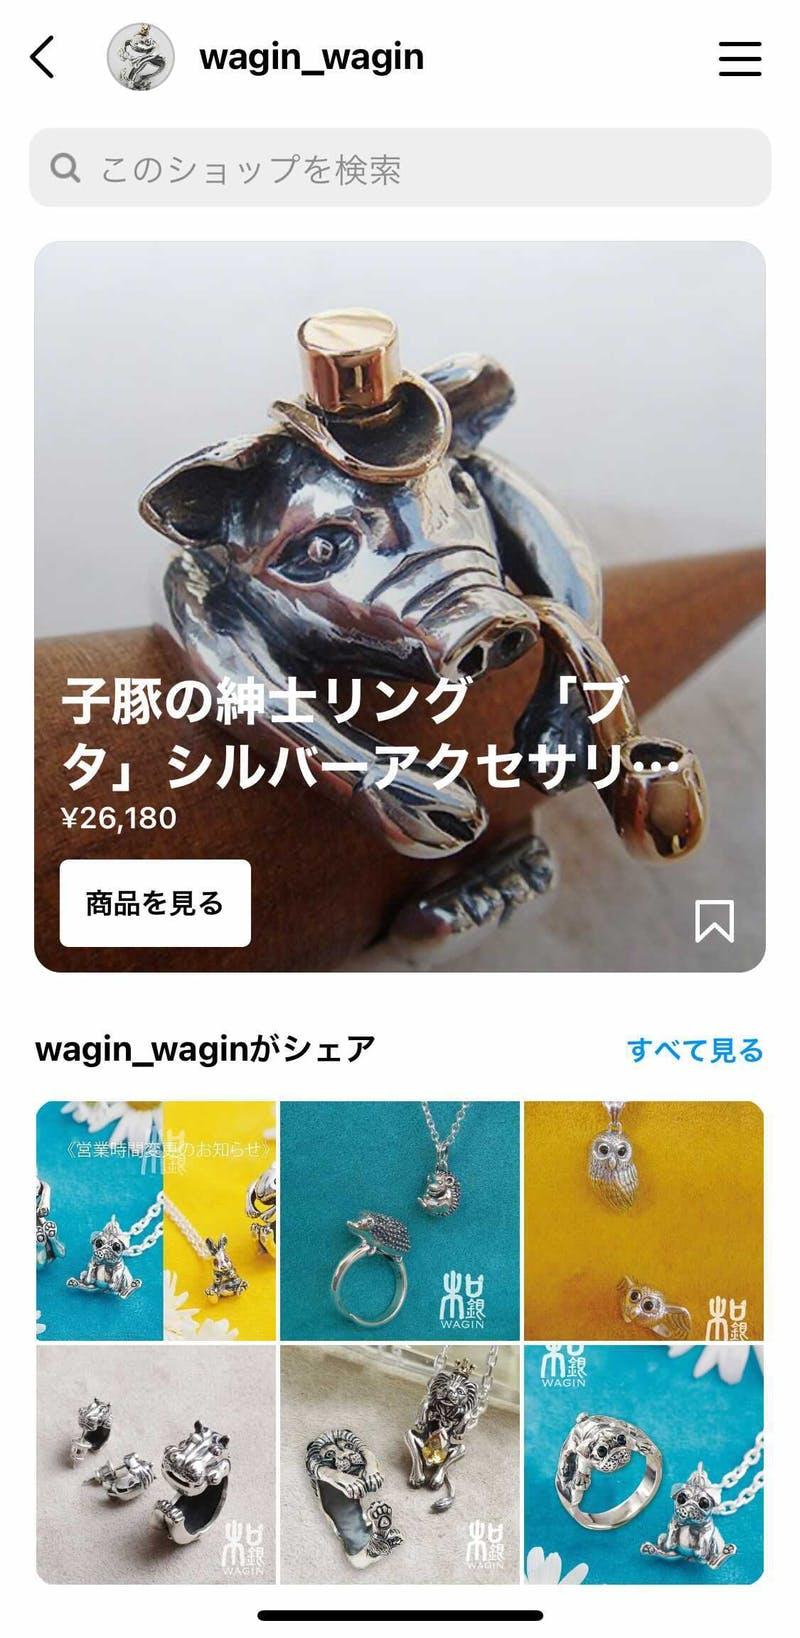 Instagramでショッピング機能を利用して商品を販売しているアカウントの例